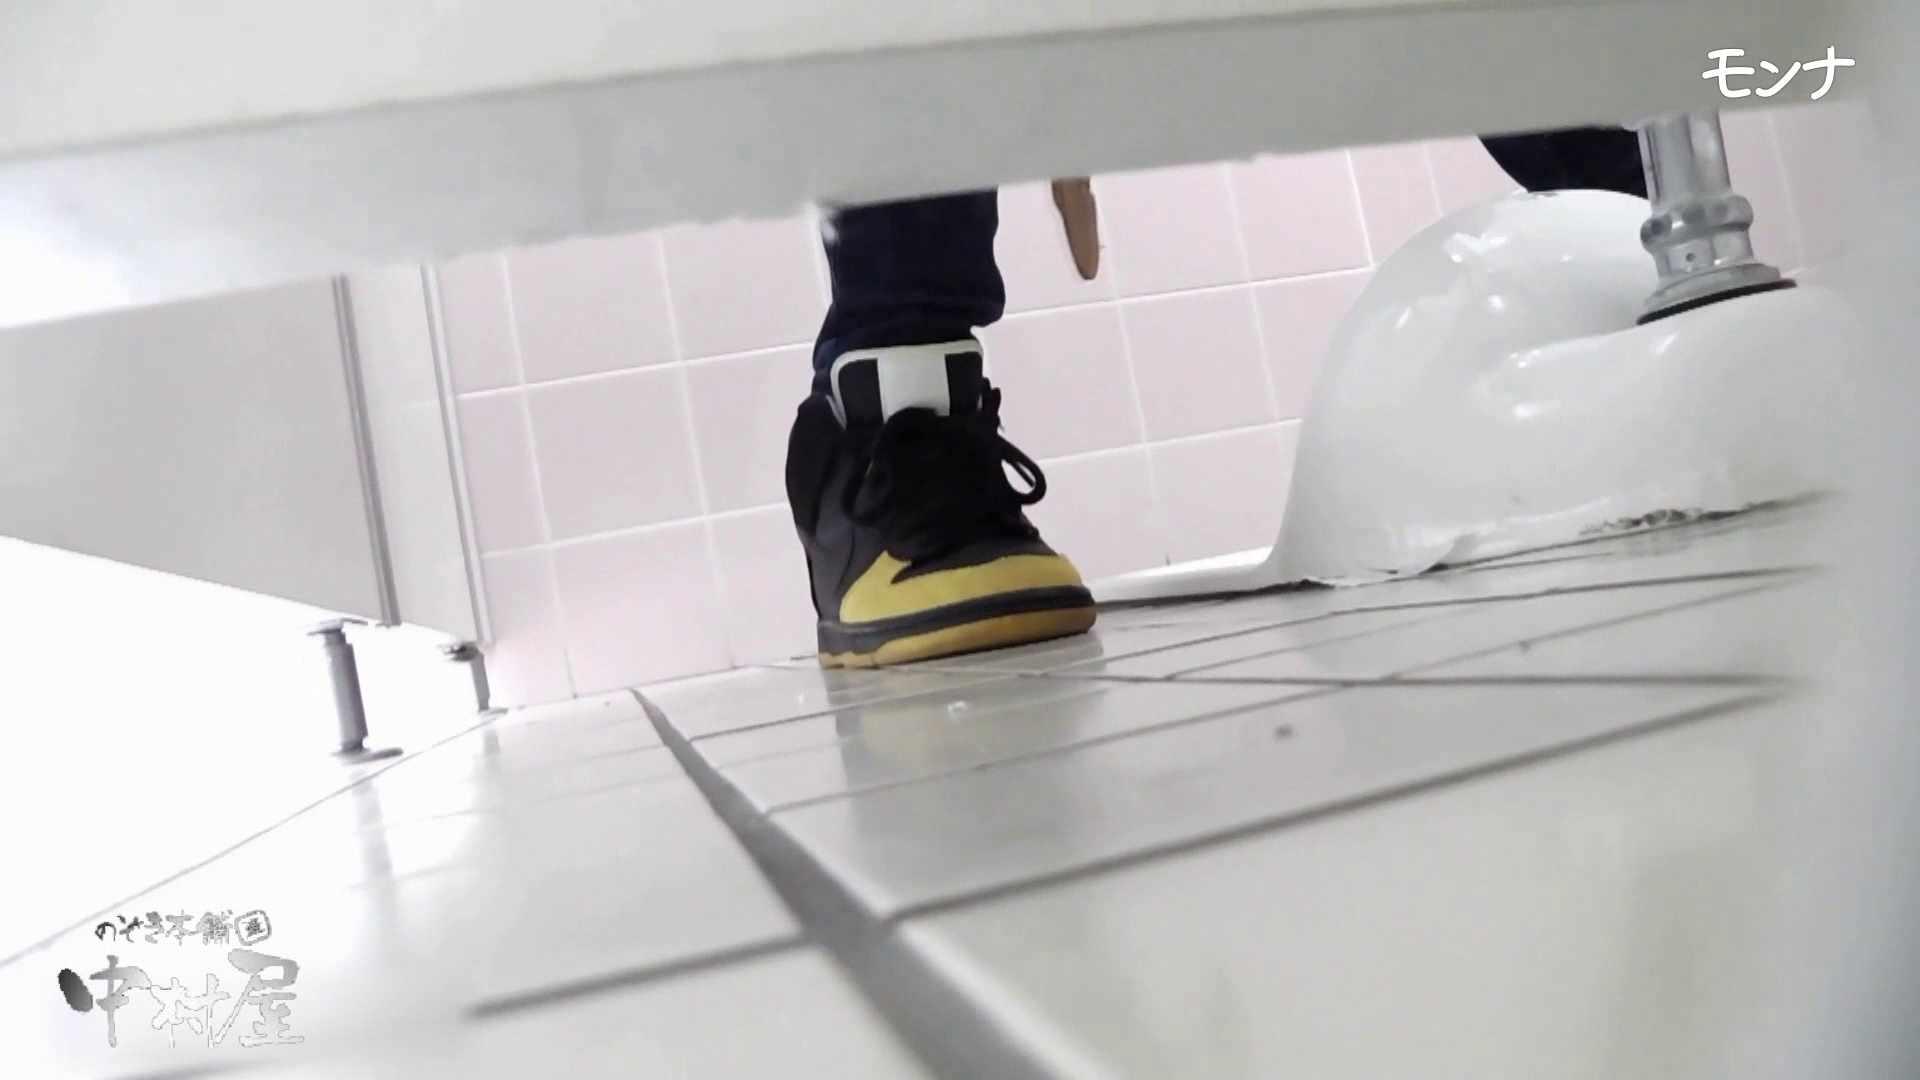 【美しい日本の未来】美しい日本の未来 No.69 ひやっと!終始15cmのしらすを垂らしながら・・・ トイレの中の女の子 アダルト動画キャプチャ 31連発 3